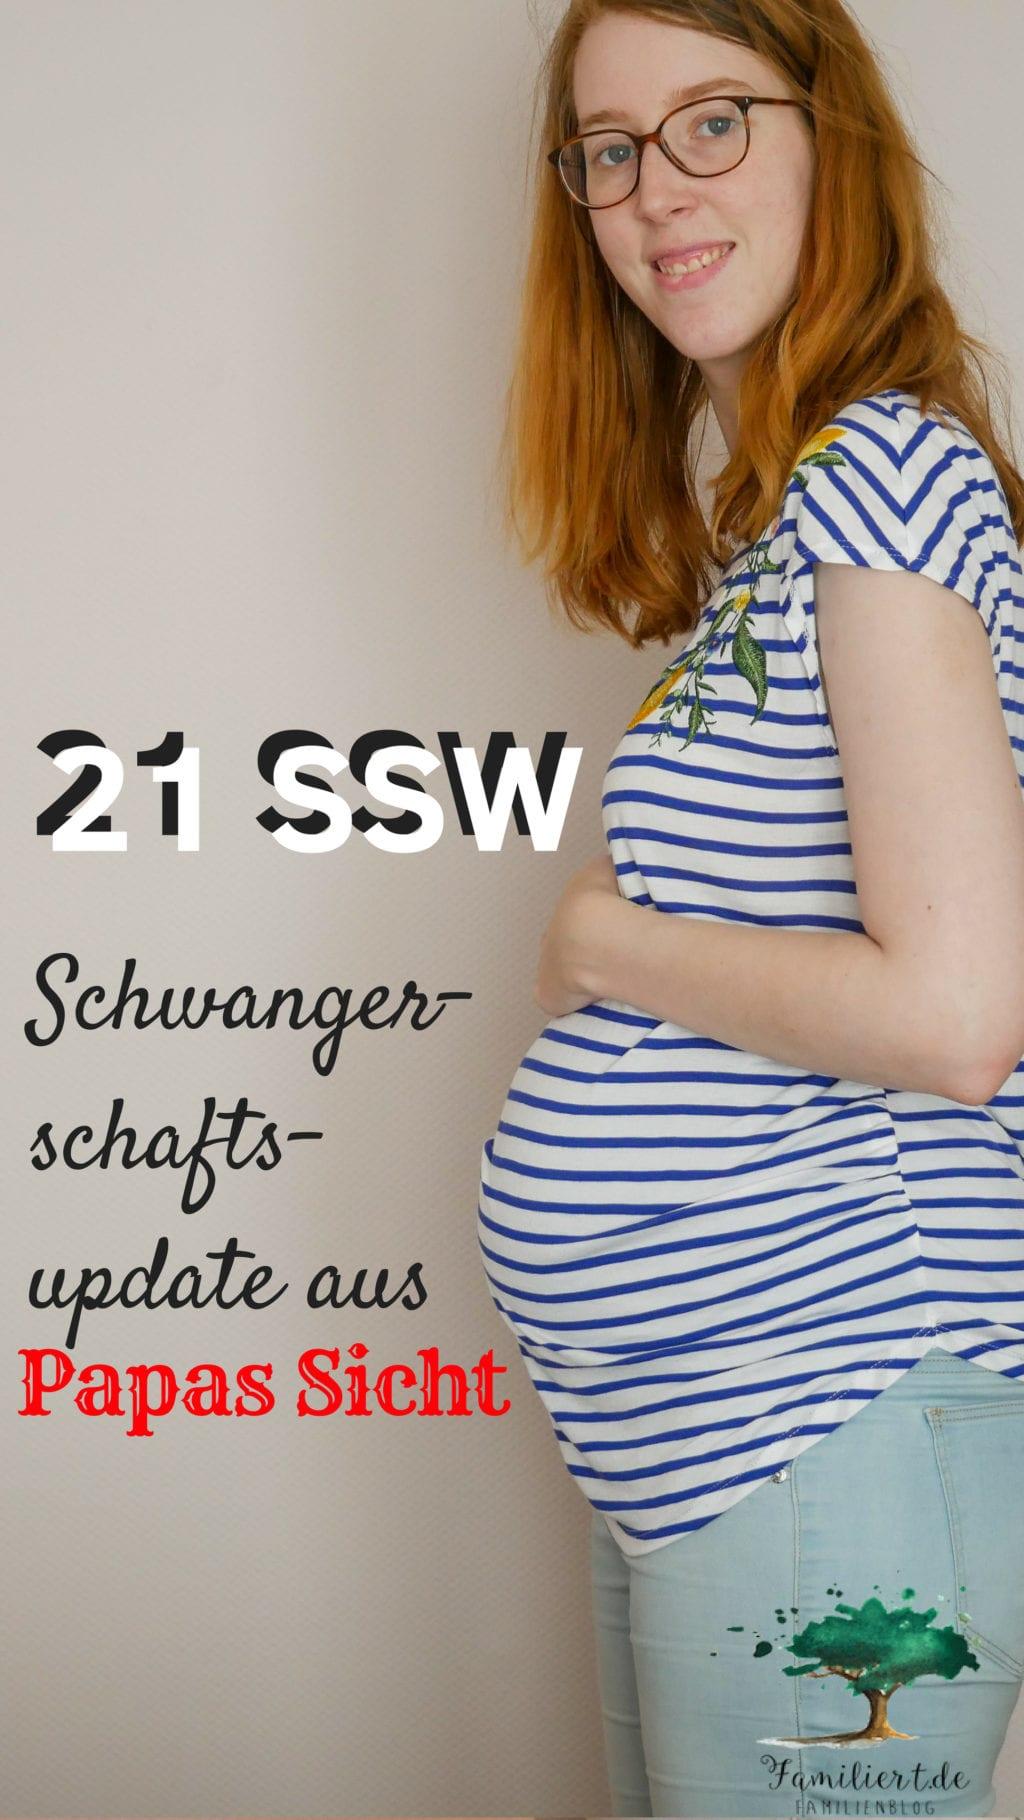 Schwangerschaftsbauch in der 21. Schwangerschaftswoche | familiert.de